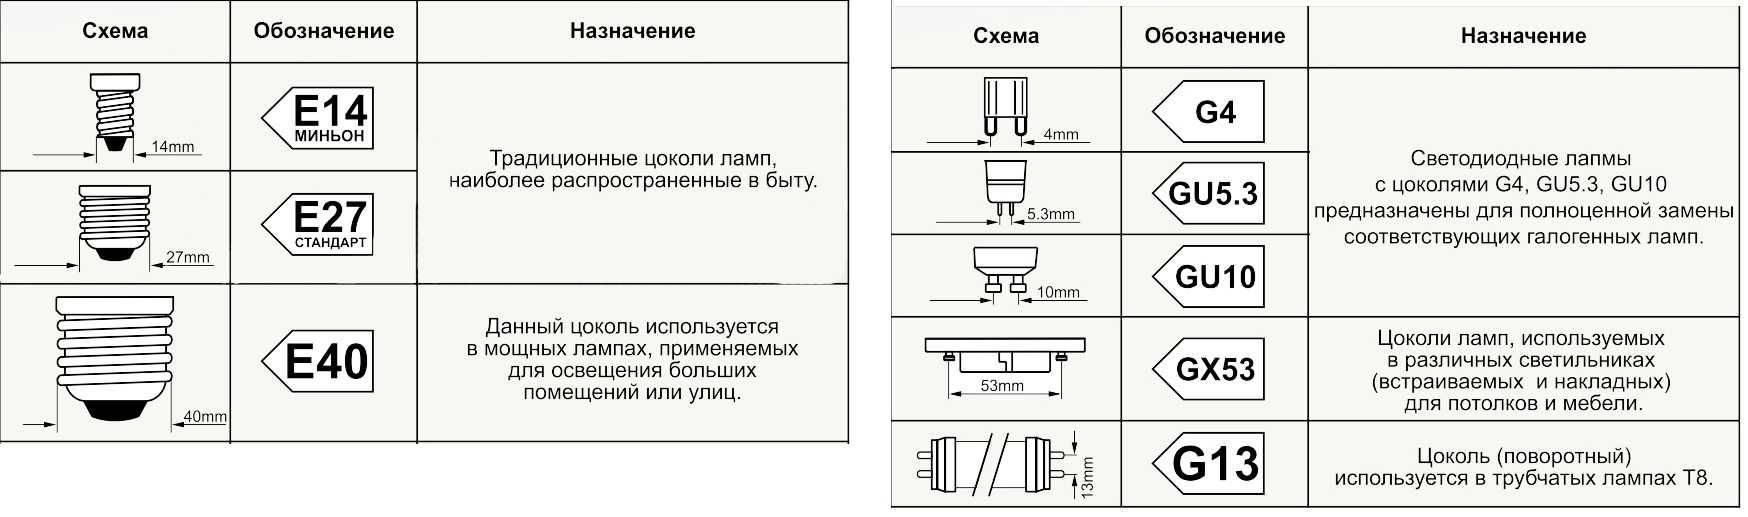 Устройство и выбор светодиодной лампы для светильника